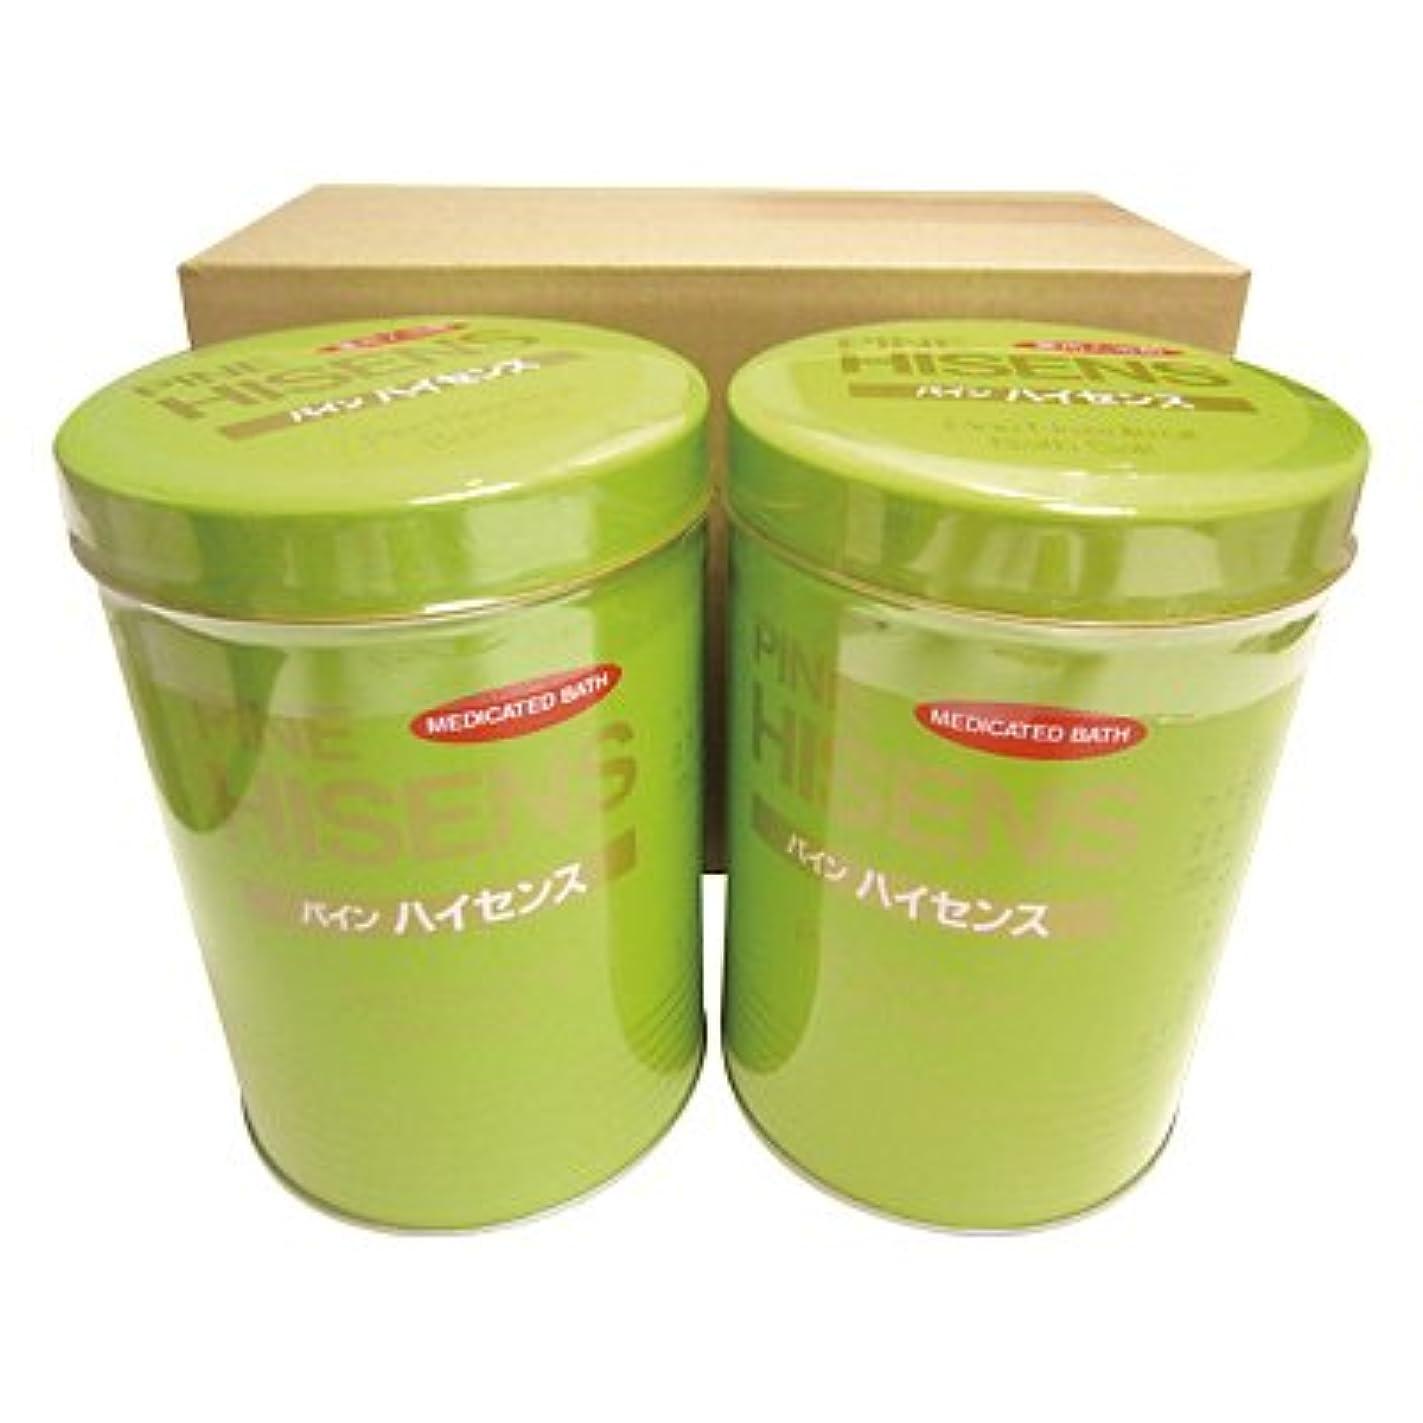 熱意軍団ラベ高陽社 薬用入浴剤 パインハイセンス 2.1kg 2缶セット